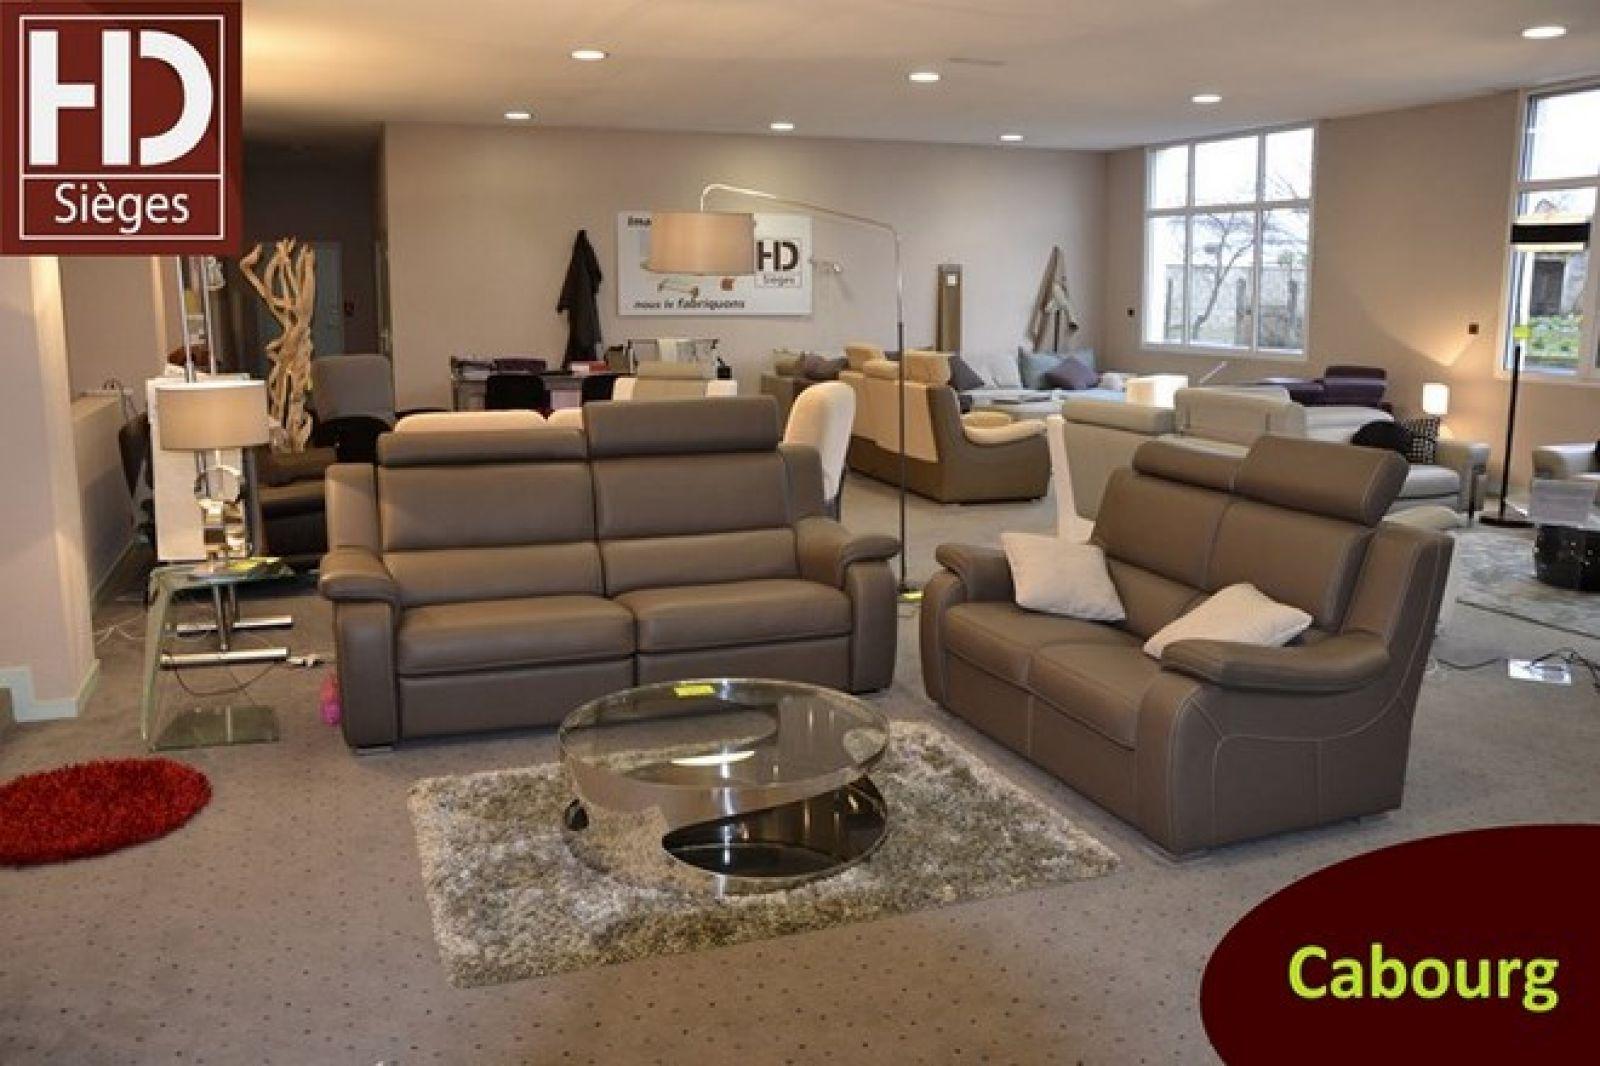 canap fixe ou relax sur mesure mod le cabourg fabricant de canap en cuir sur mesure mont. Black Bedroom Furniture Sets. Home Design Ideas